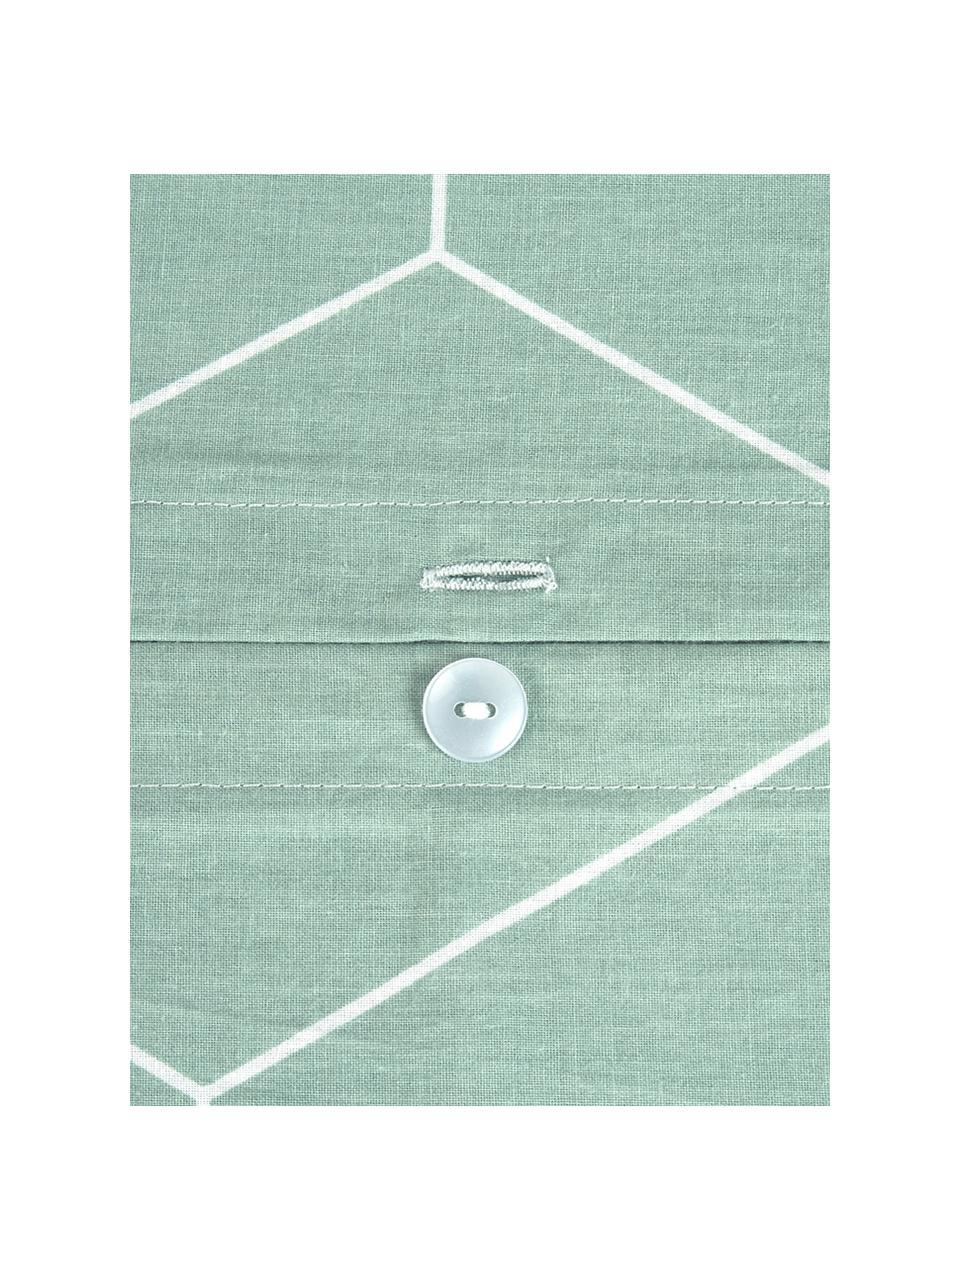 Baumwoll-Kissenbezüge Lynn mit grafischem Muster, 2 Stück, Webart: Renforcé Fadendichte 144 , Mint, Cremeweiß, 40 x 80 cm